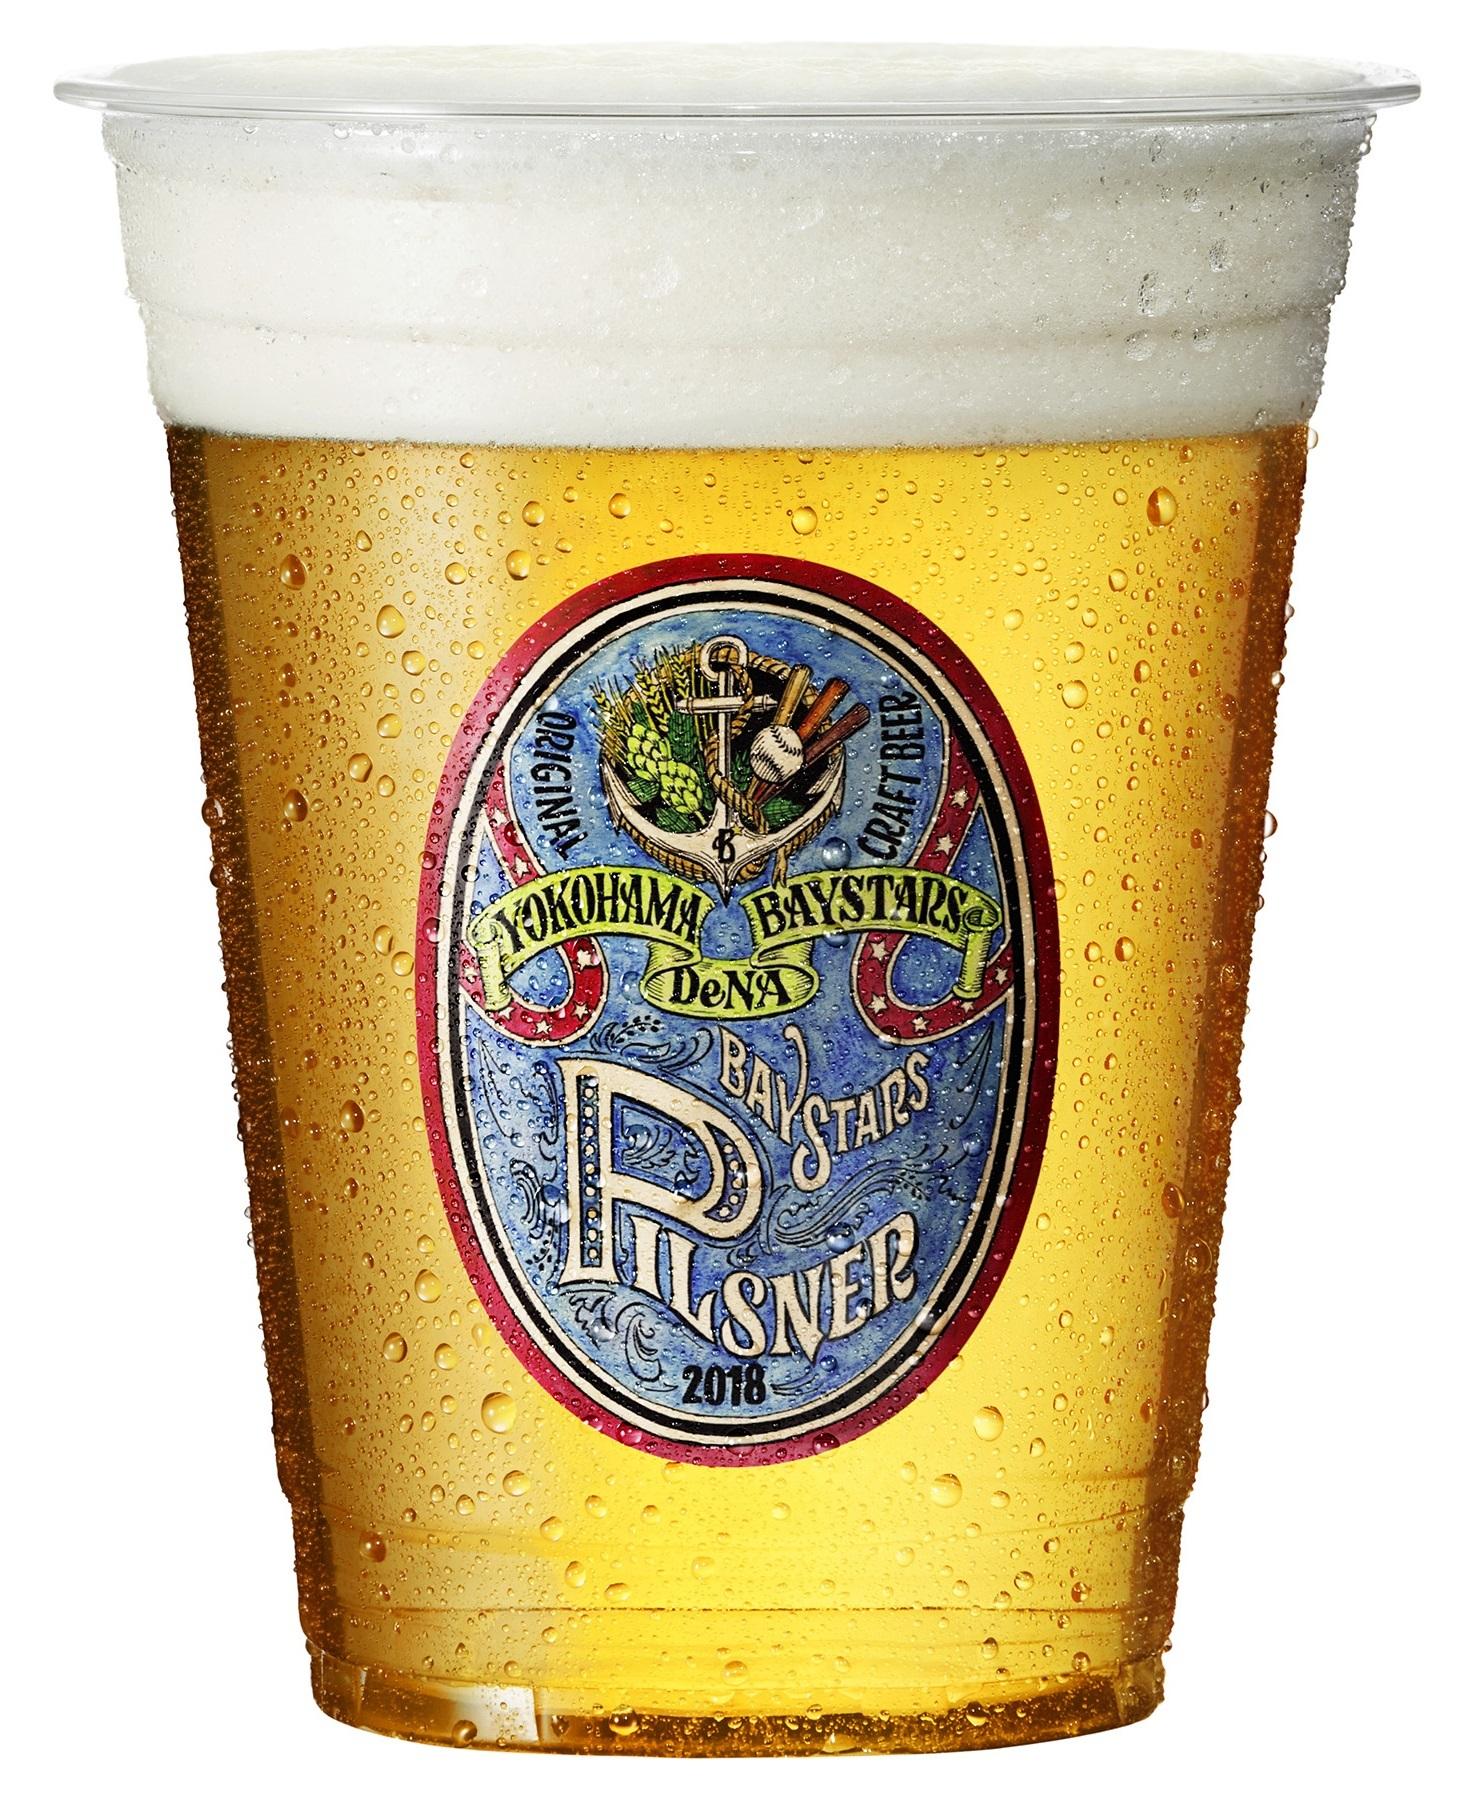 飲みやすさにこだわった「BAYSTARS PILSNER」(ベイスターズ・ピルスナー) (c)YDB